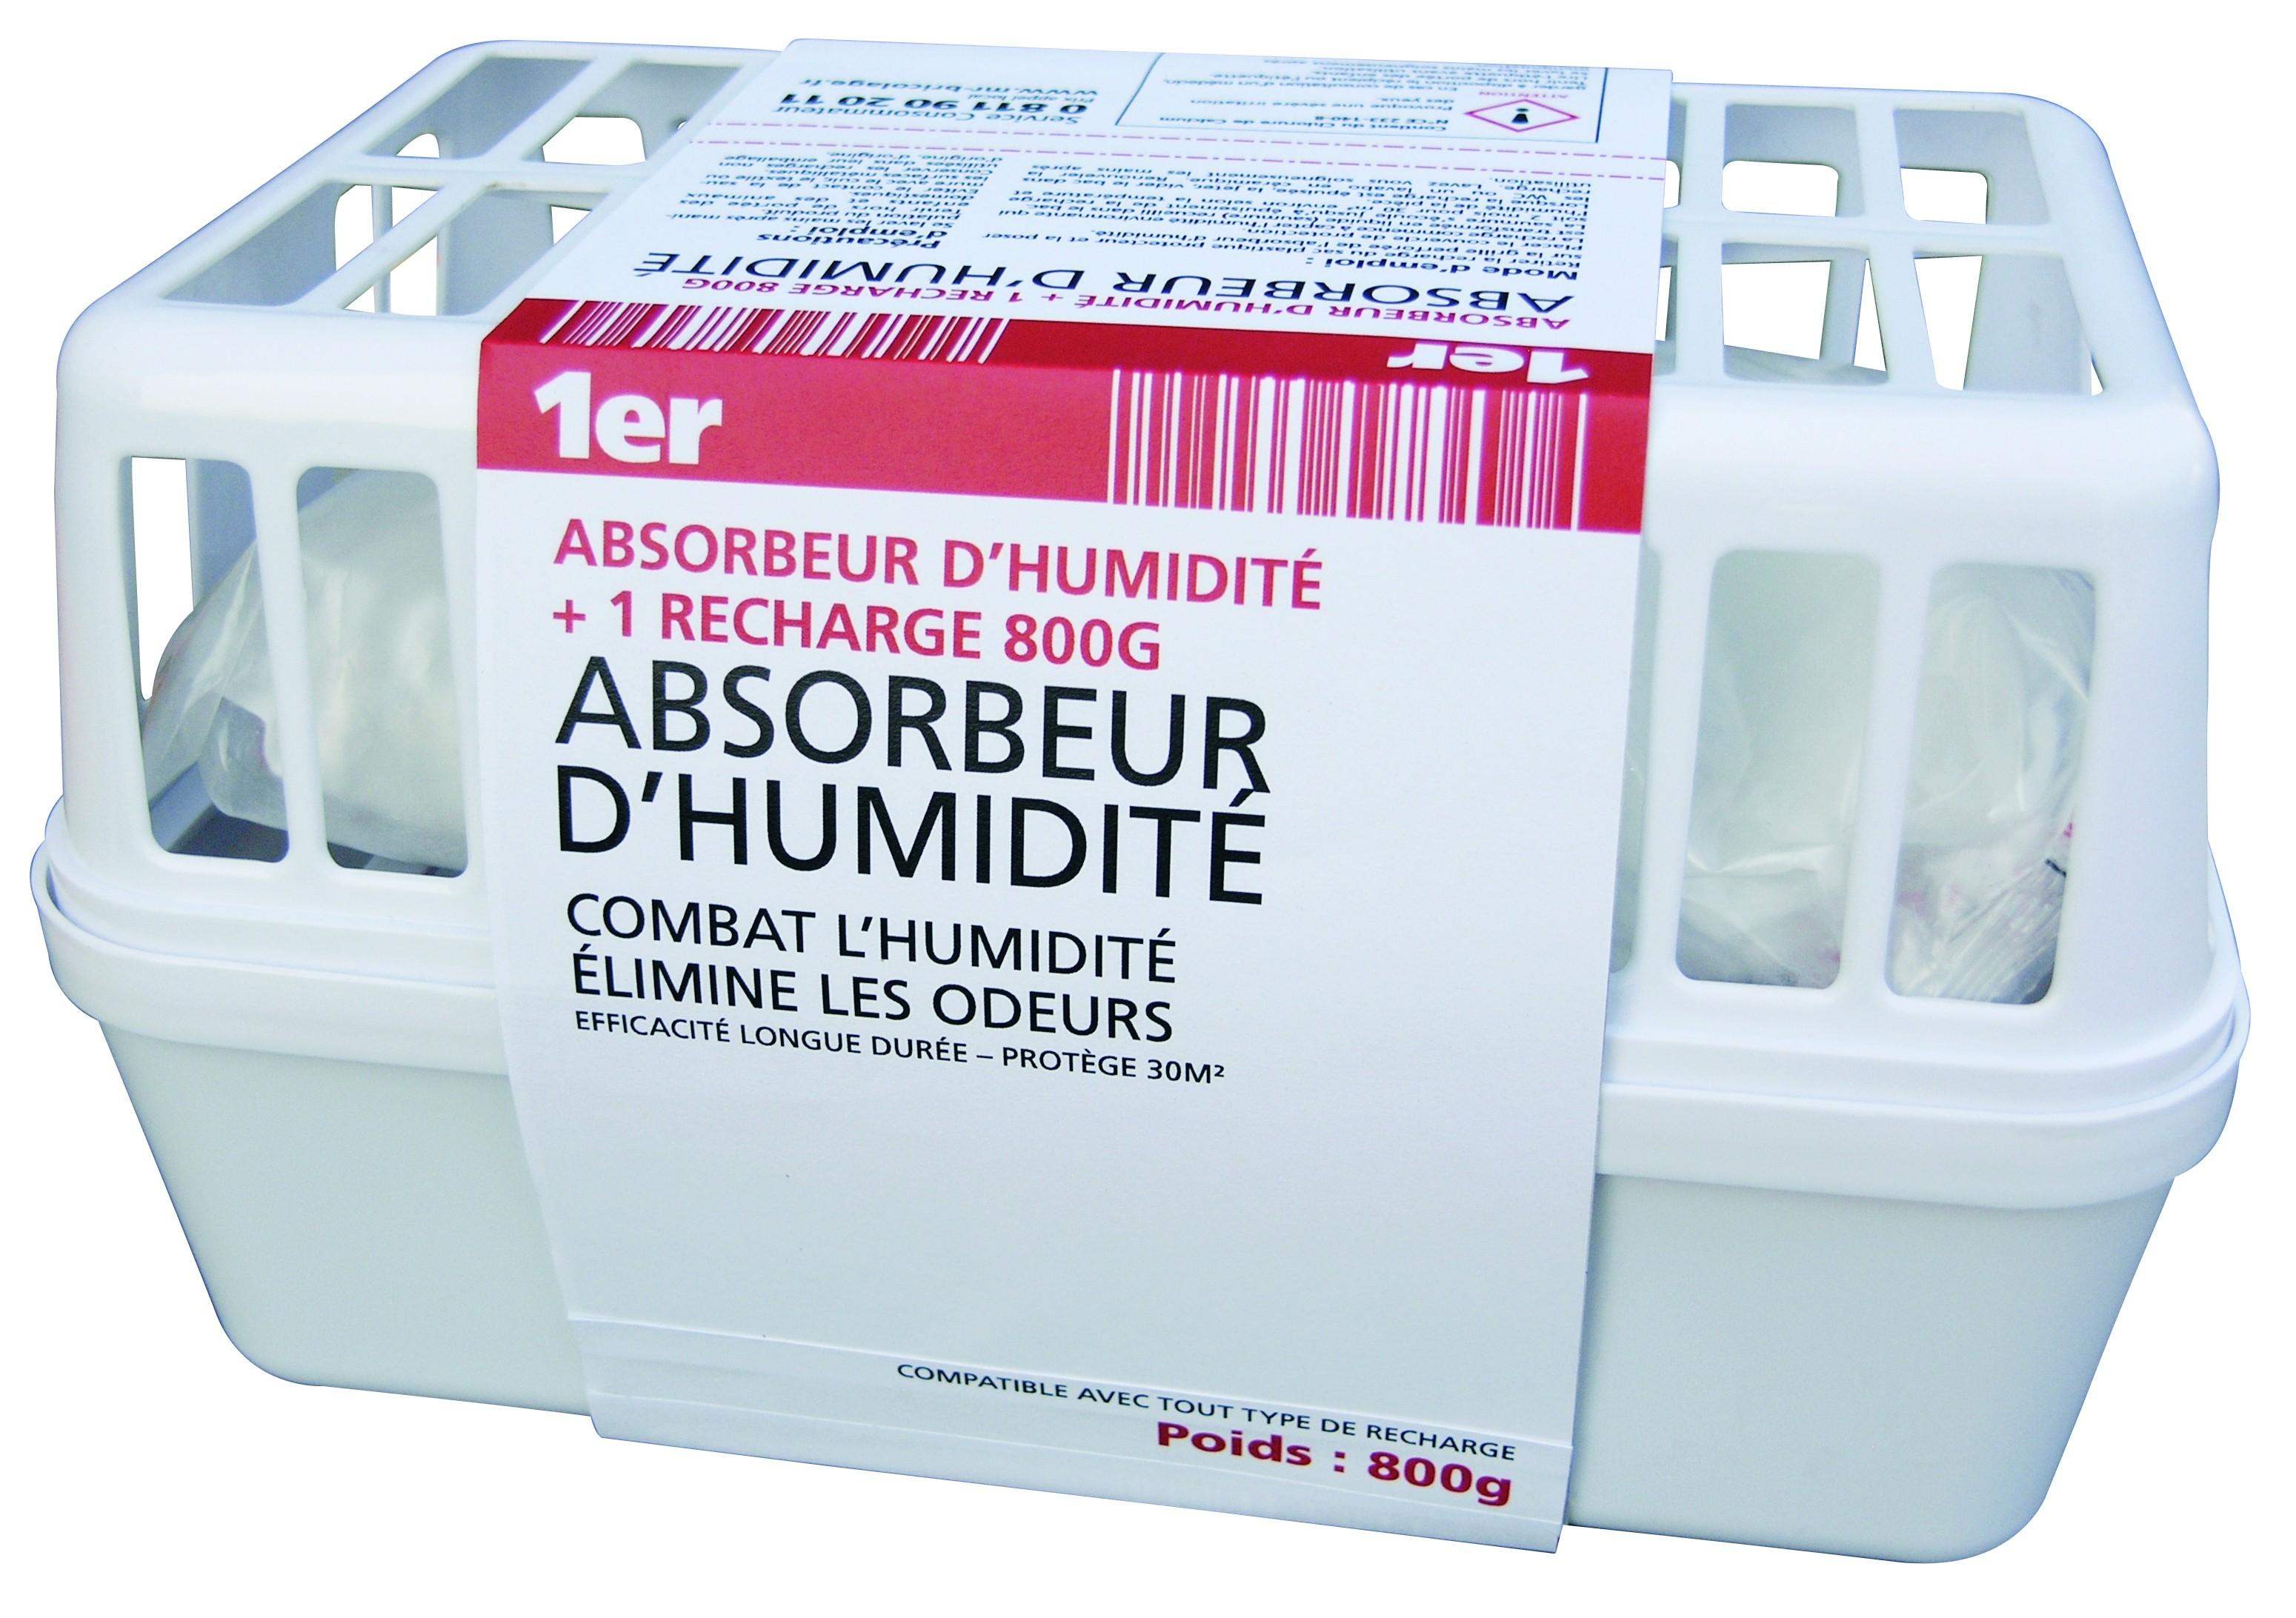 Absorbeur D Humidité Avis absorbeur d'humidité 1er - mr.bricolage